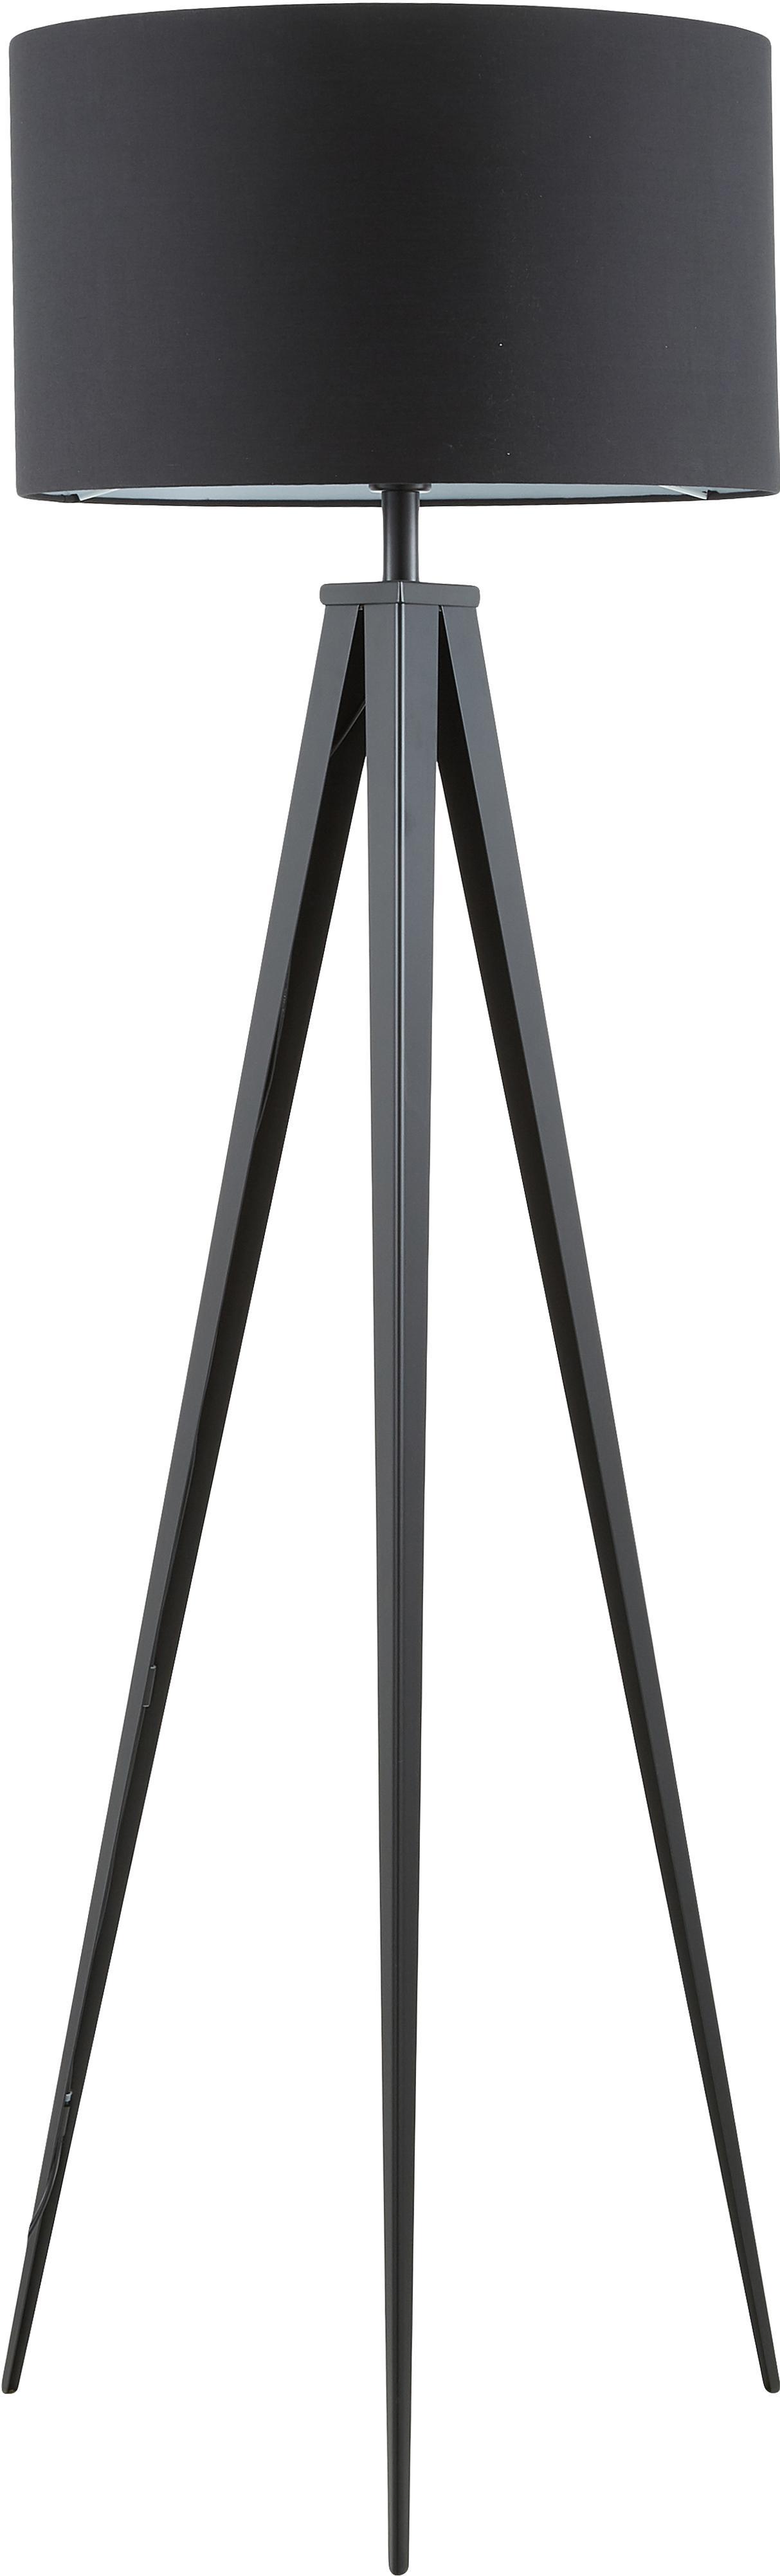 Tripod Stehlampe Jake mit Metallfuß, Lampenschirm: Textil, Lampenfuß: Metall, pulverbeschichtet, Lampenschirm: SchwarzLampenfuß: Mattschwarz, Ø 50 x H 158 cm